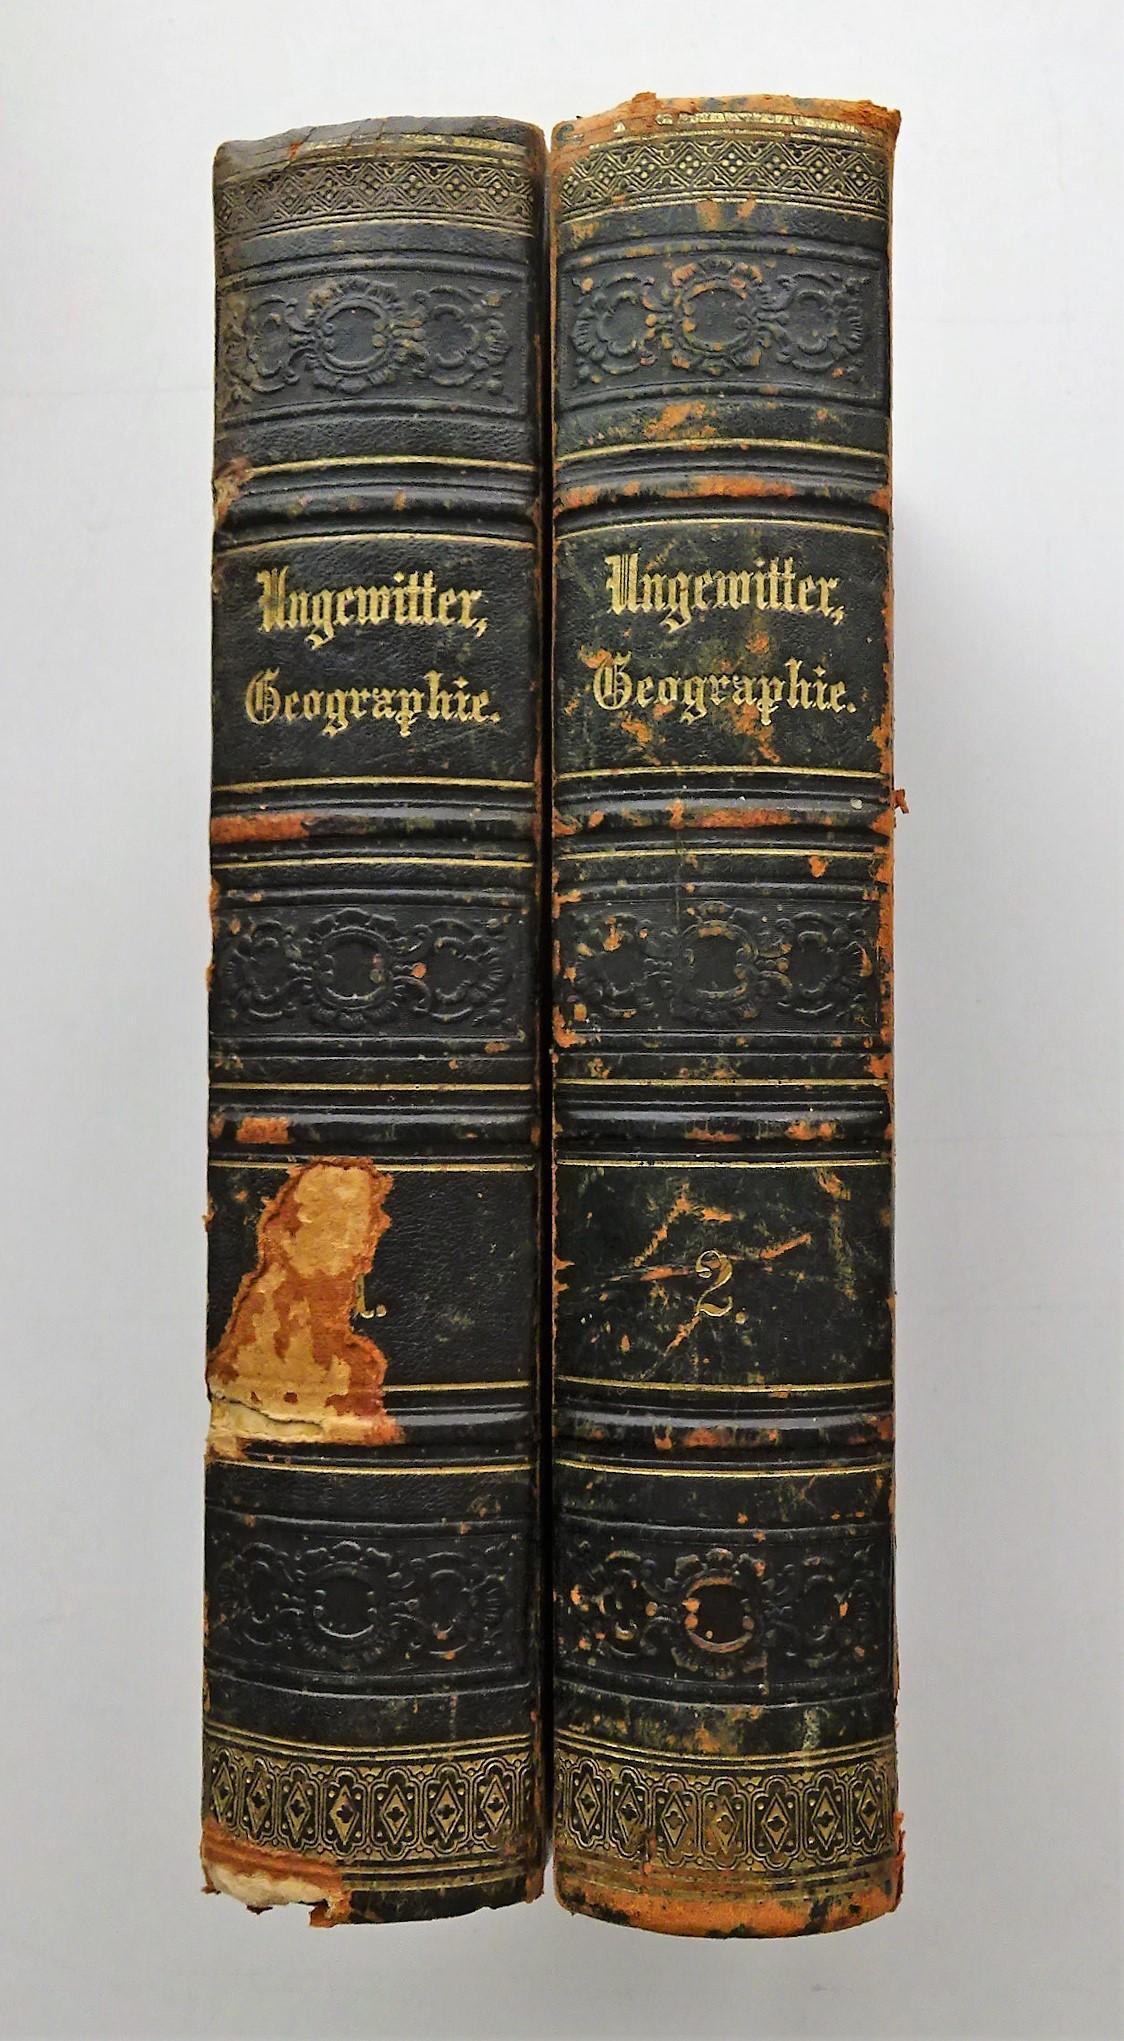 Neueste Erdbeschreibung und Staatenkunde, oder geographisch-statistisch-historisches Handbuch.: Ungewitter, F. H.